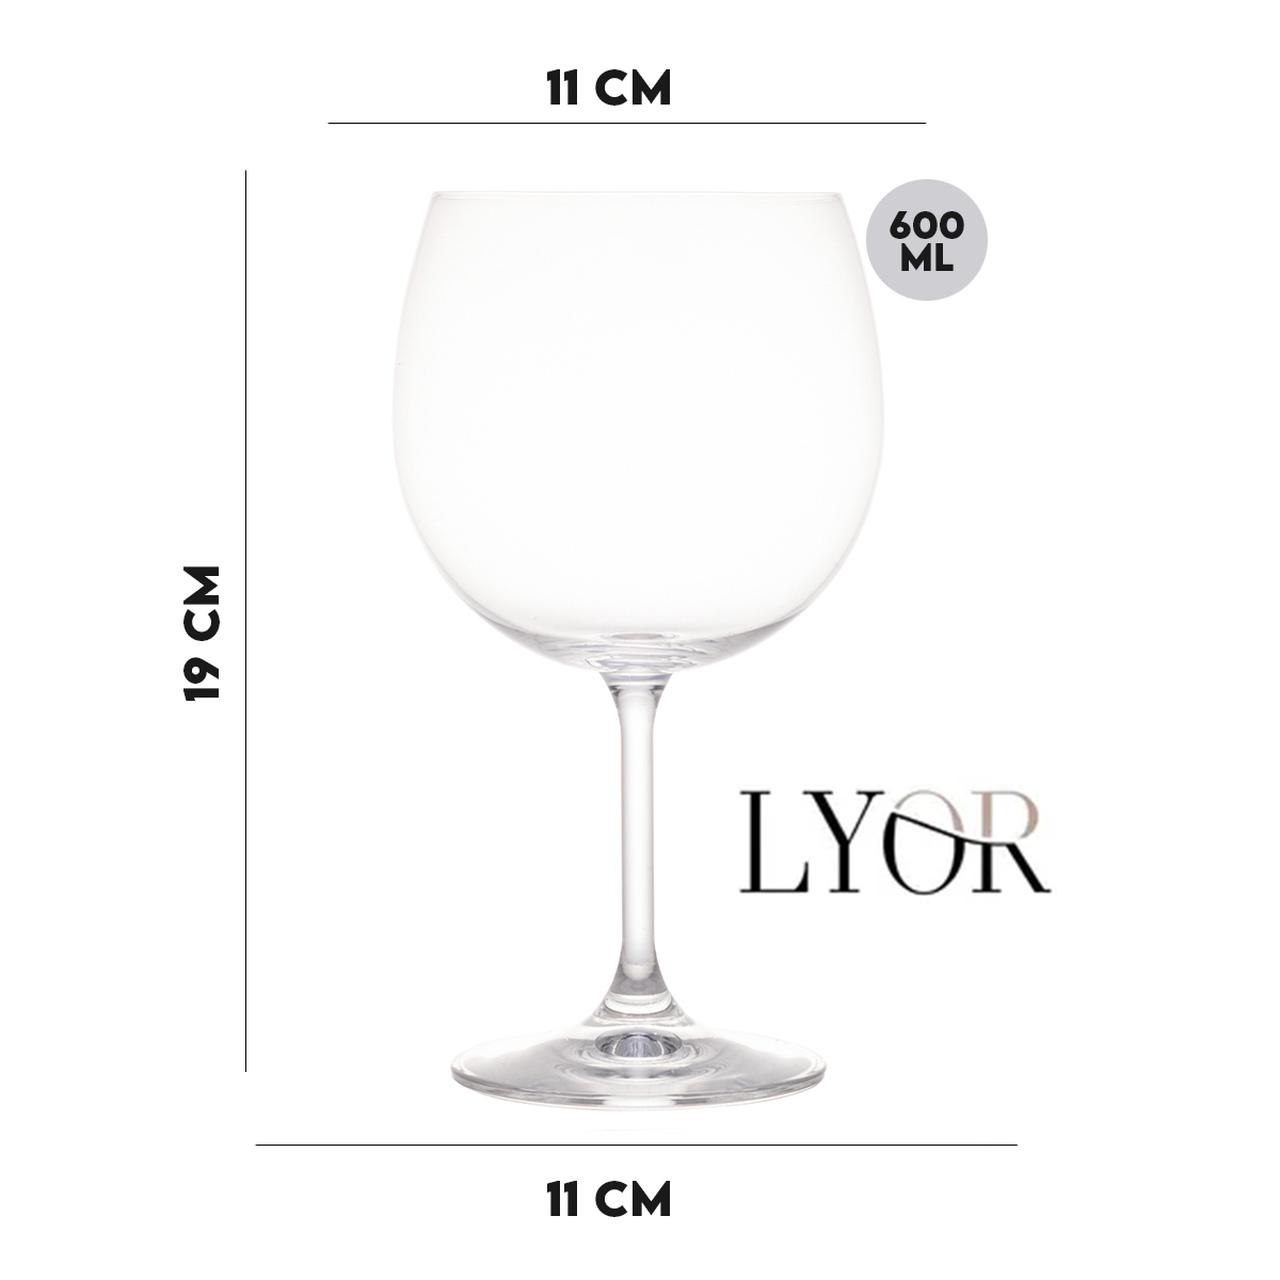 Jogo 4 Taças para Degustação Gin de Cristal Ecológico 600 ml  - Lemis